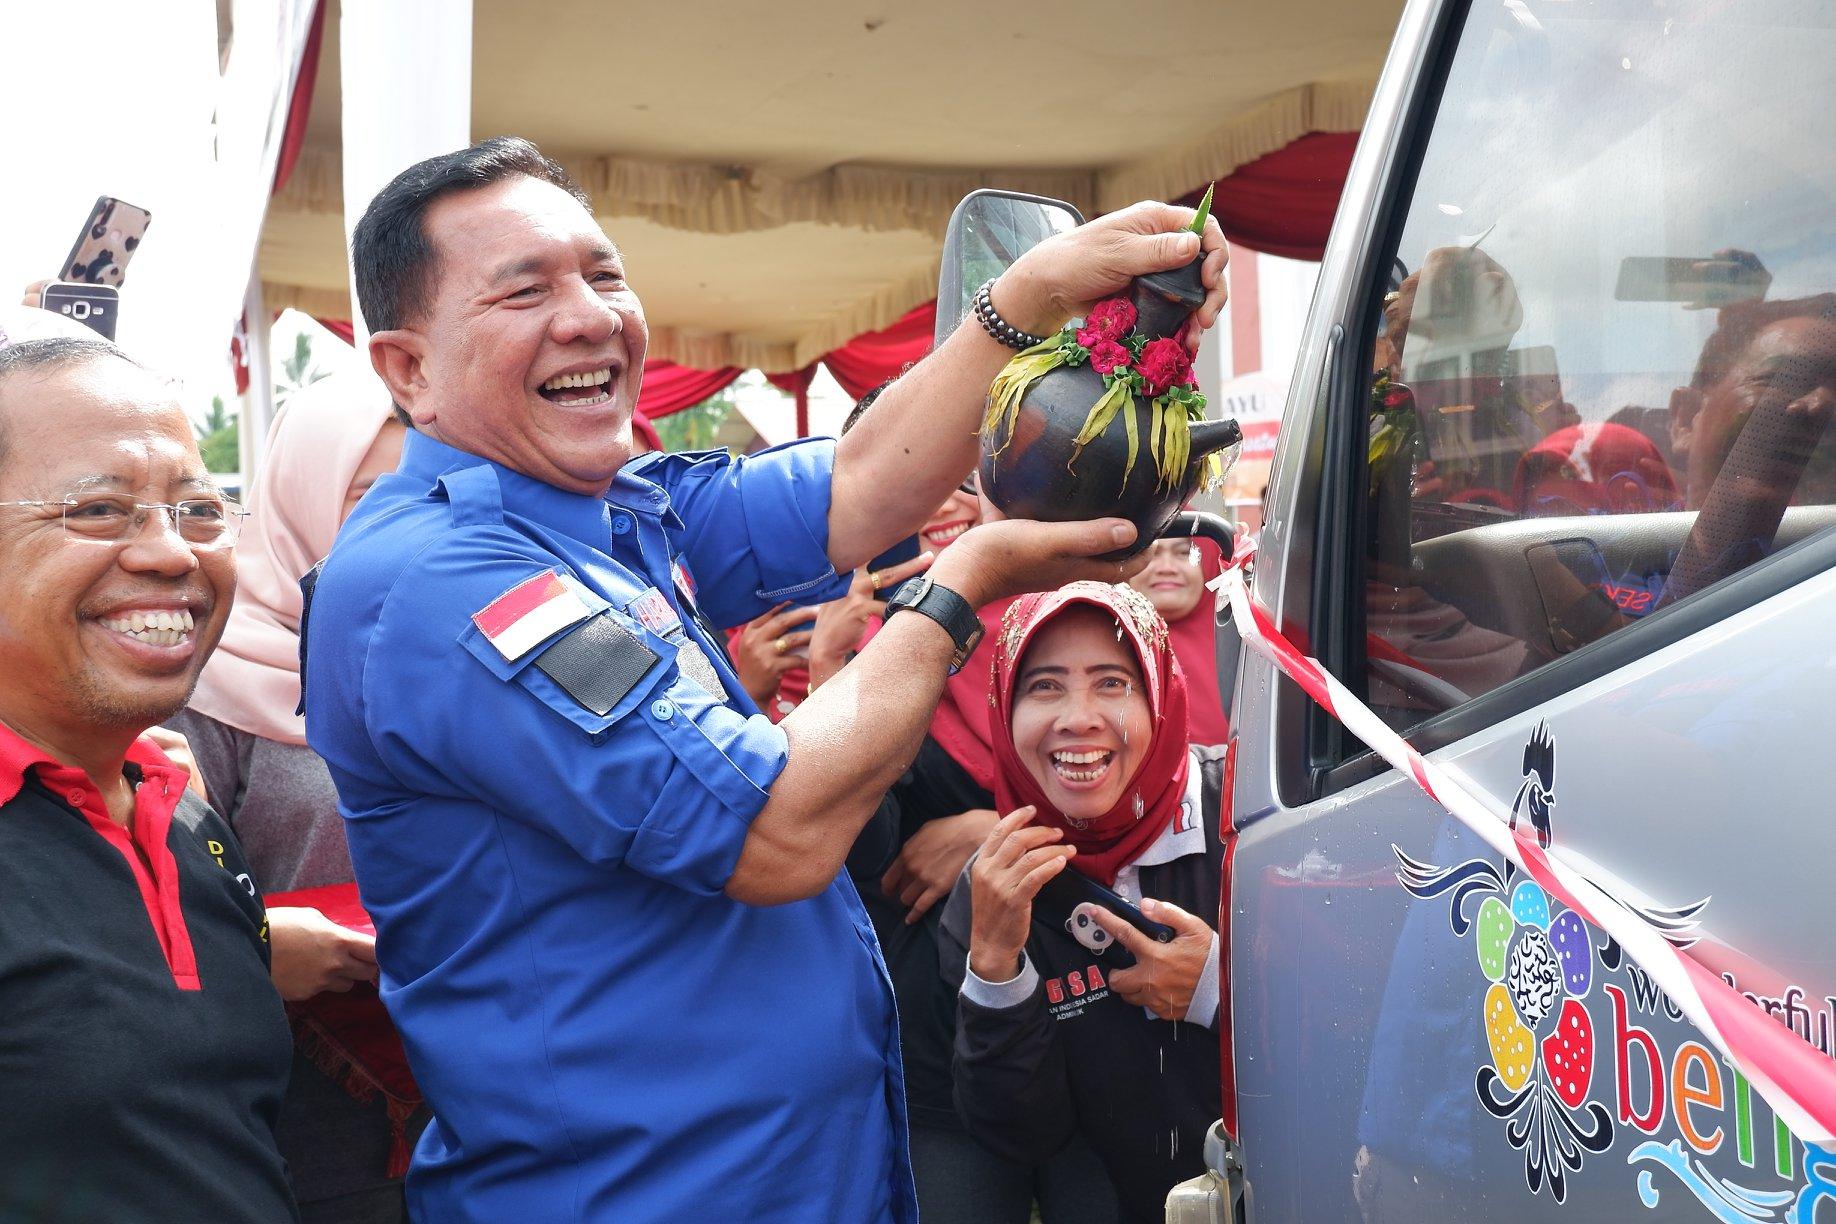 Tingkatkan Layanan Masyarakat, Bupati Bengkulu Utara Berikan Kendaraan Operasional Mobile Dukcapil